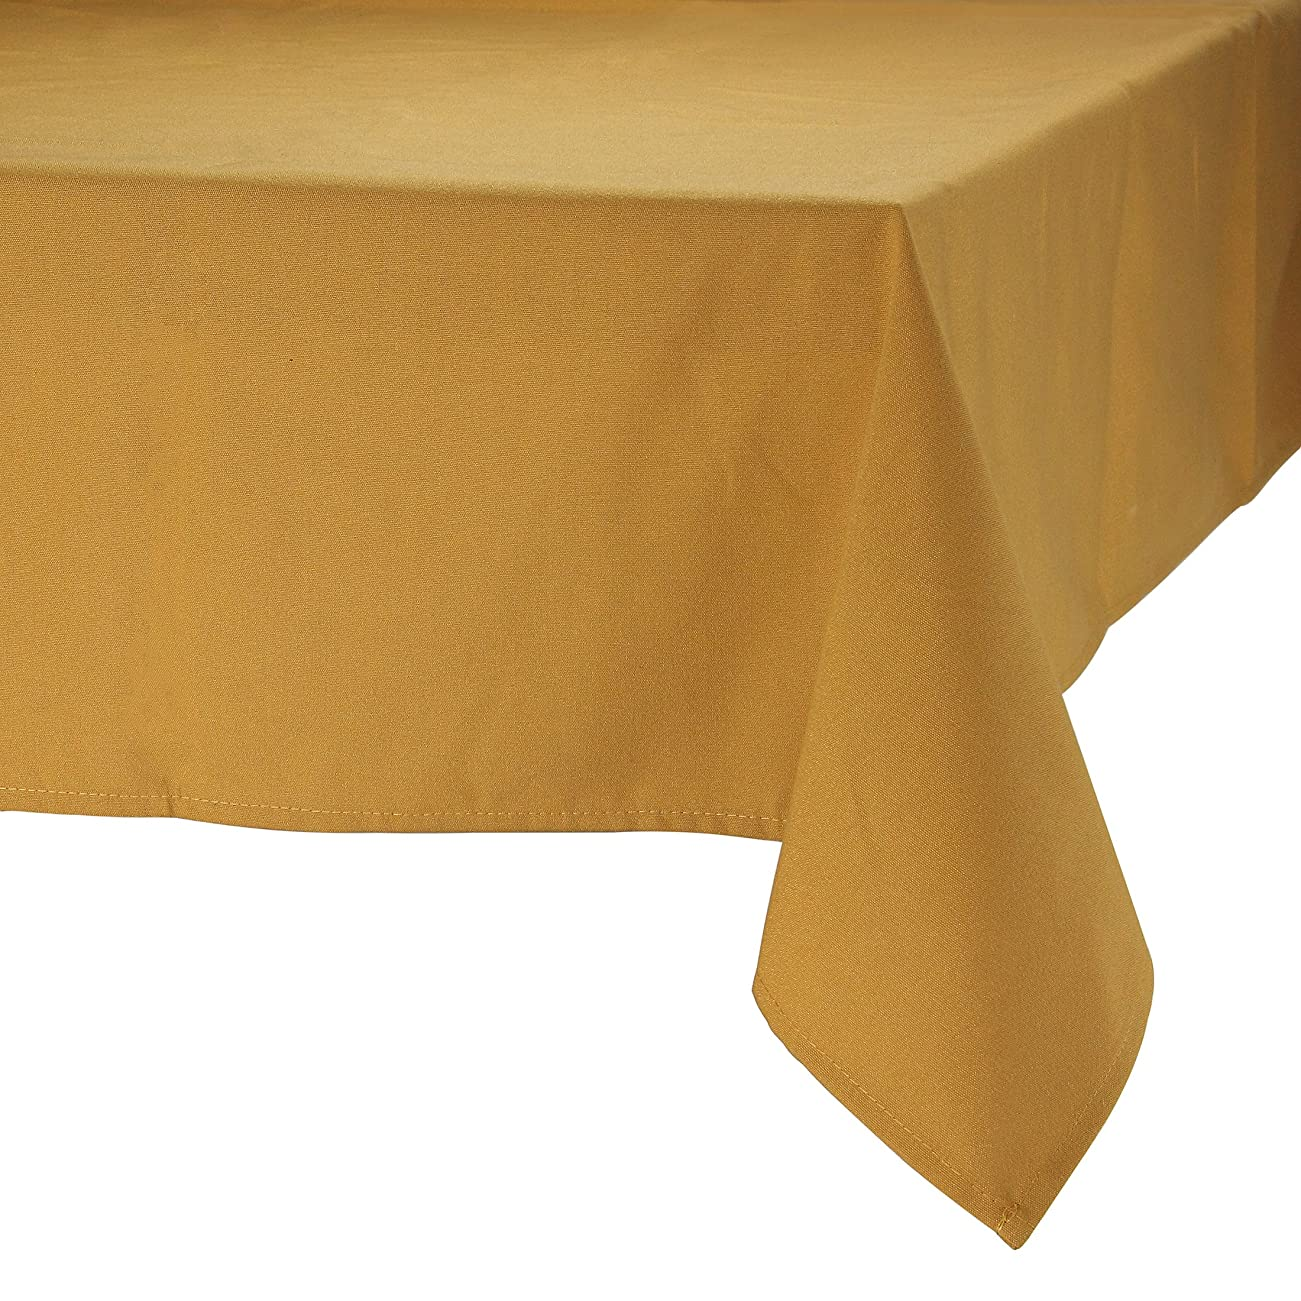 ふける懺悔不愉快にMAJEST(マジェスト) テーブルクロス 正方形260cmx260cm 布地 ブロンズ 無地 繋なし 吸水タイプ